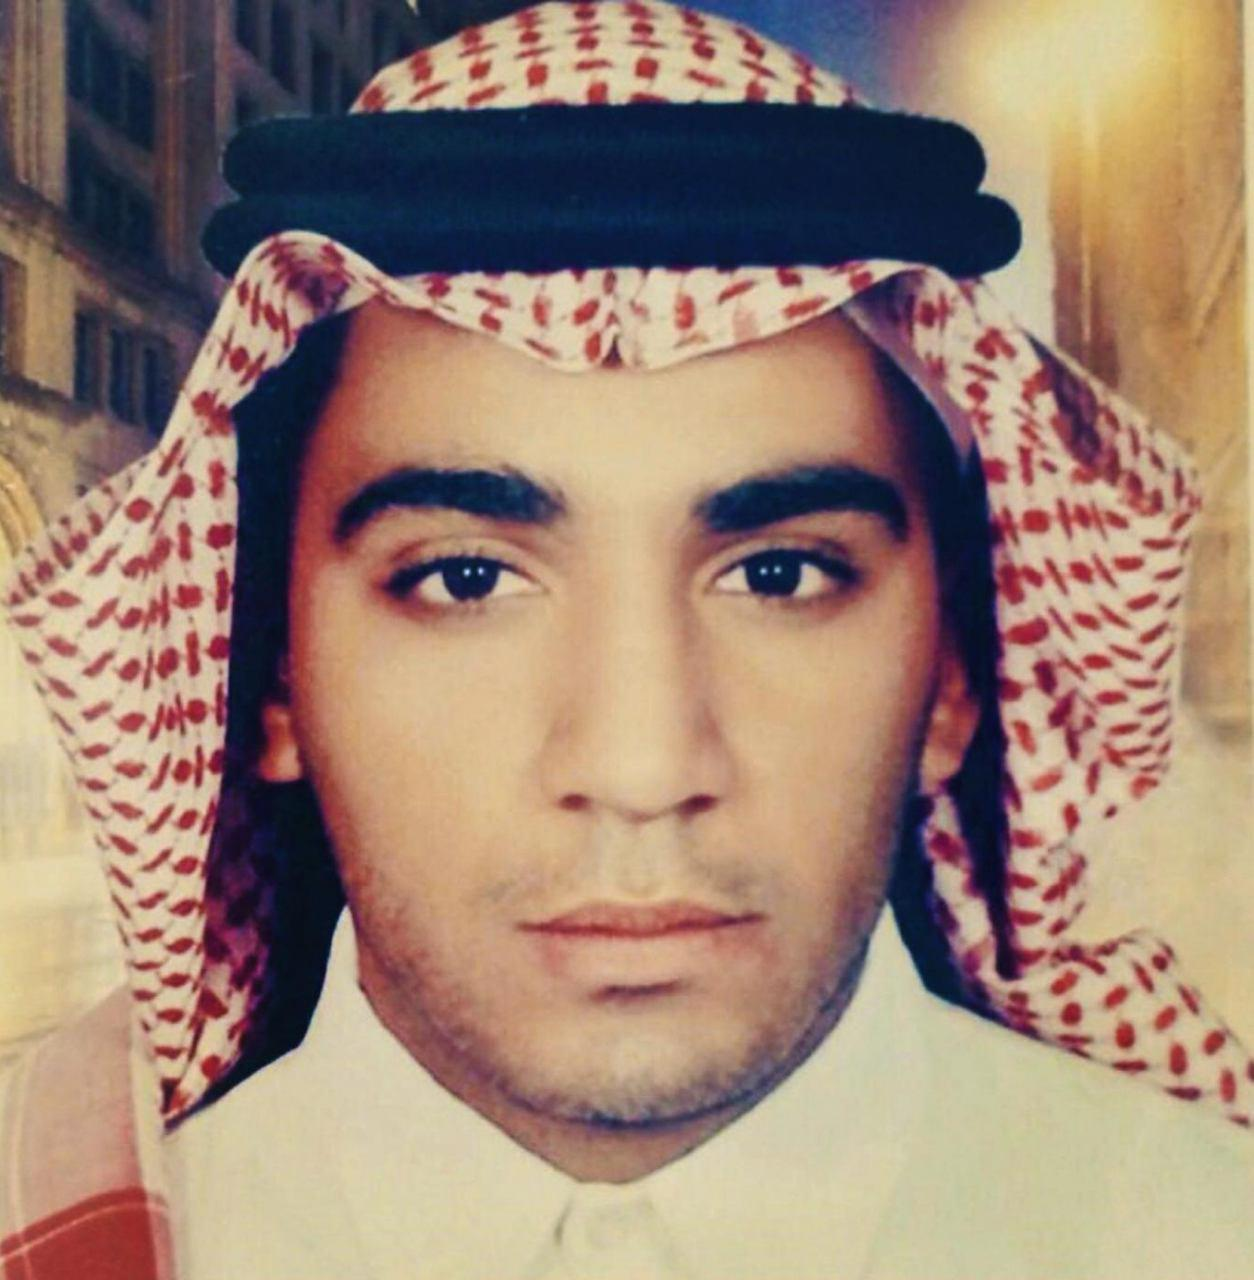 تصویر شکنجه یک جوان شیعه معلول در عربستان